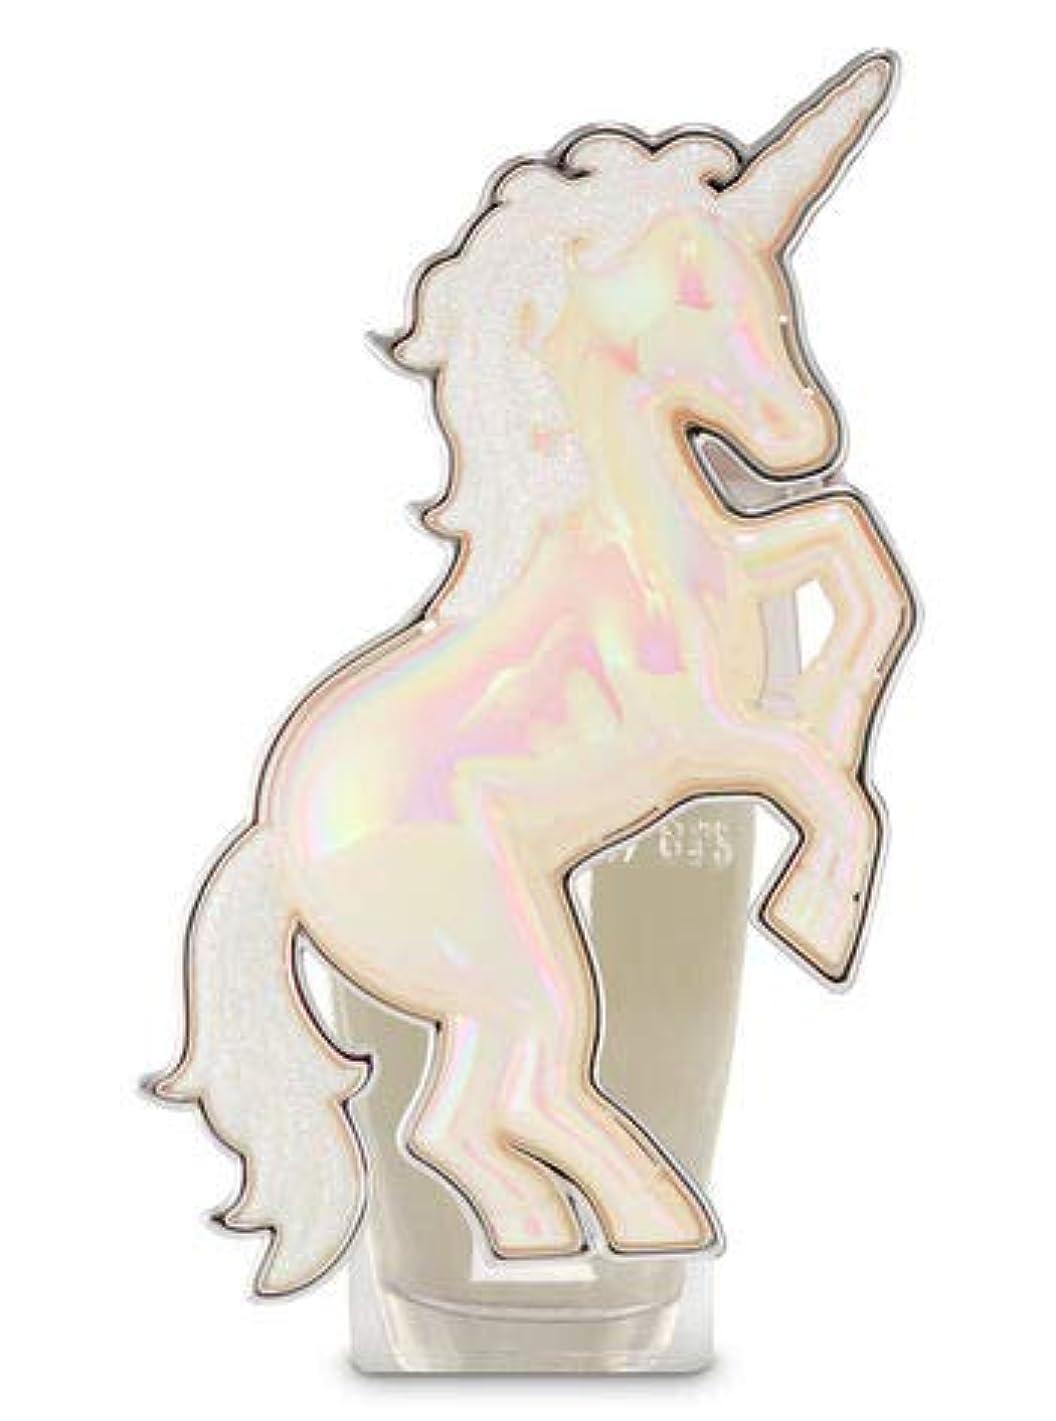 くしゃみ一口容疑者【Bath&Body Works/バス&ボディワークス】 ルームフレグランス プラグインスターター (本体のみ) ユニコーン ナイトライト Wallflowers Fragrance Plug Unicorn Night...